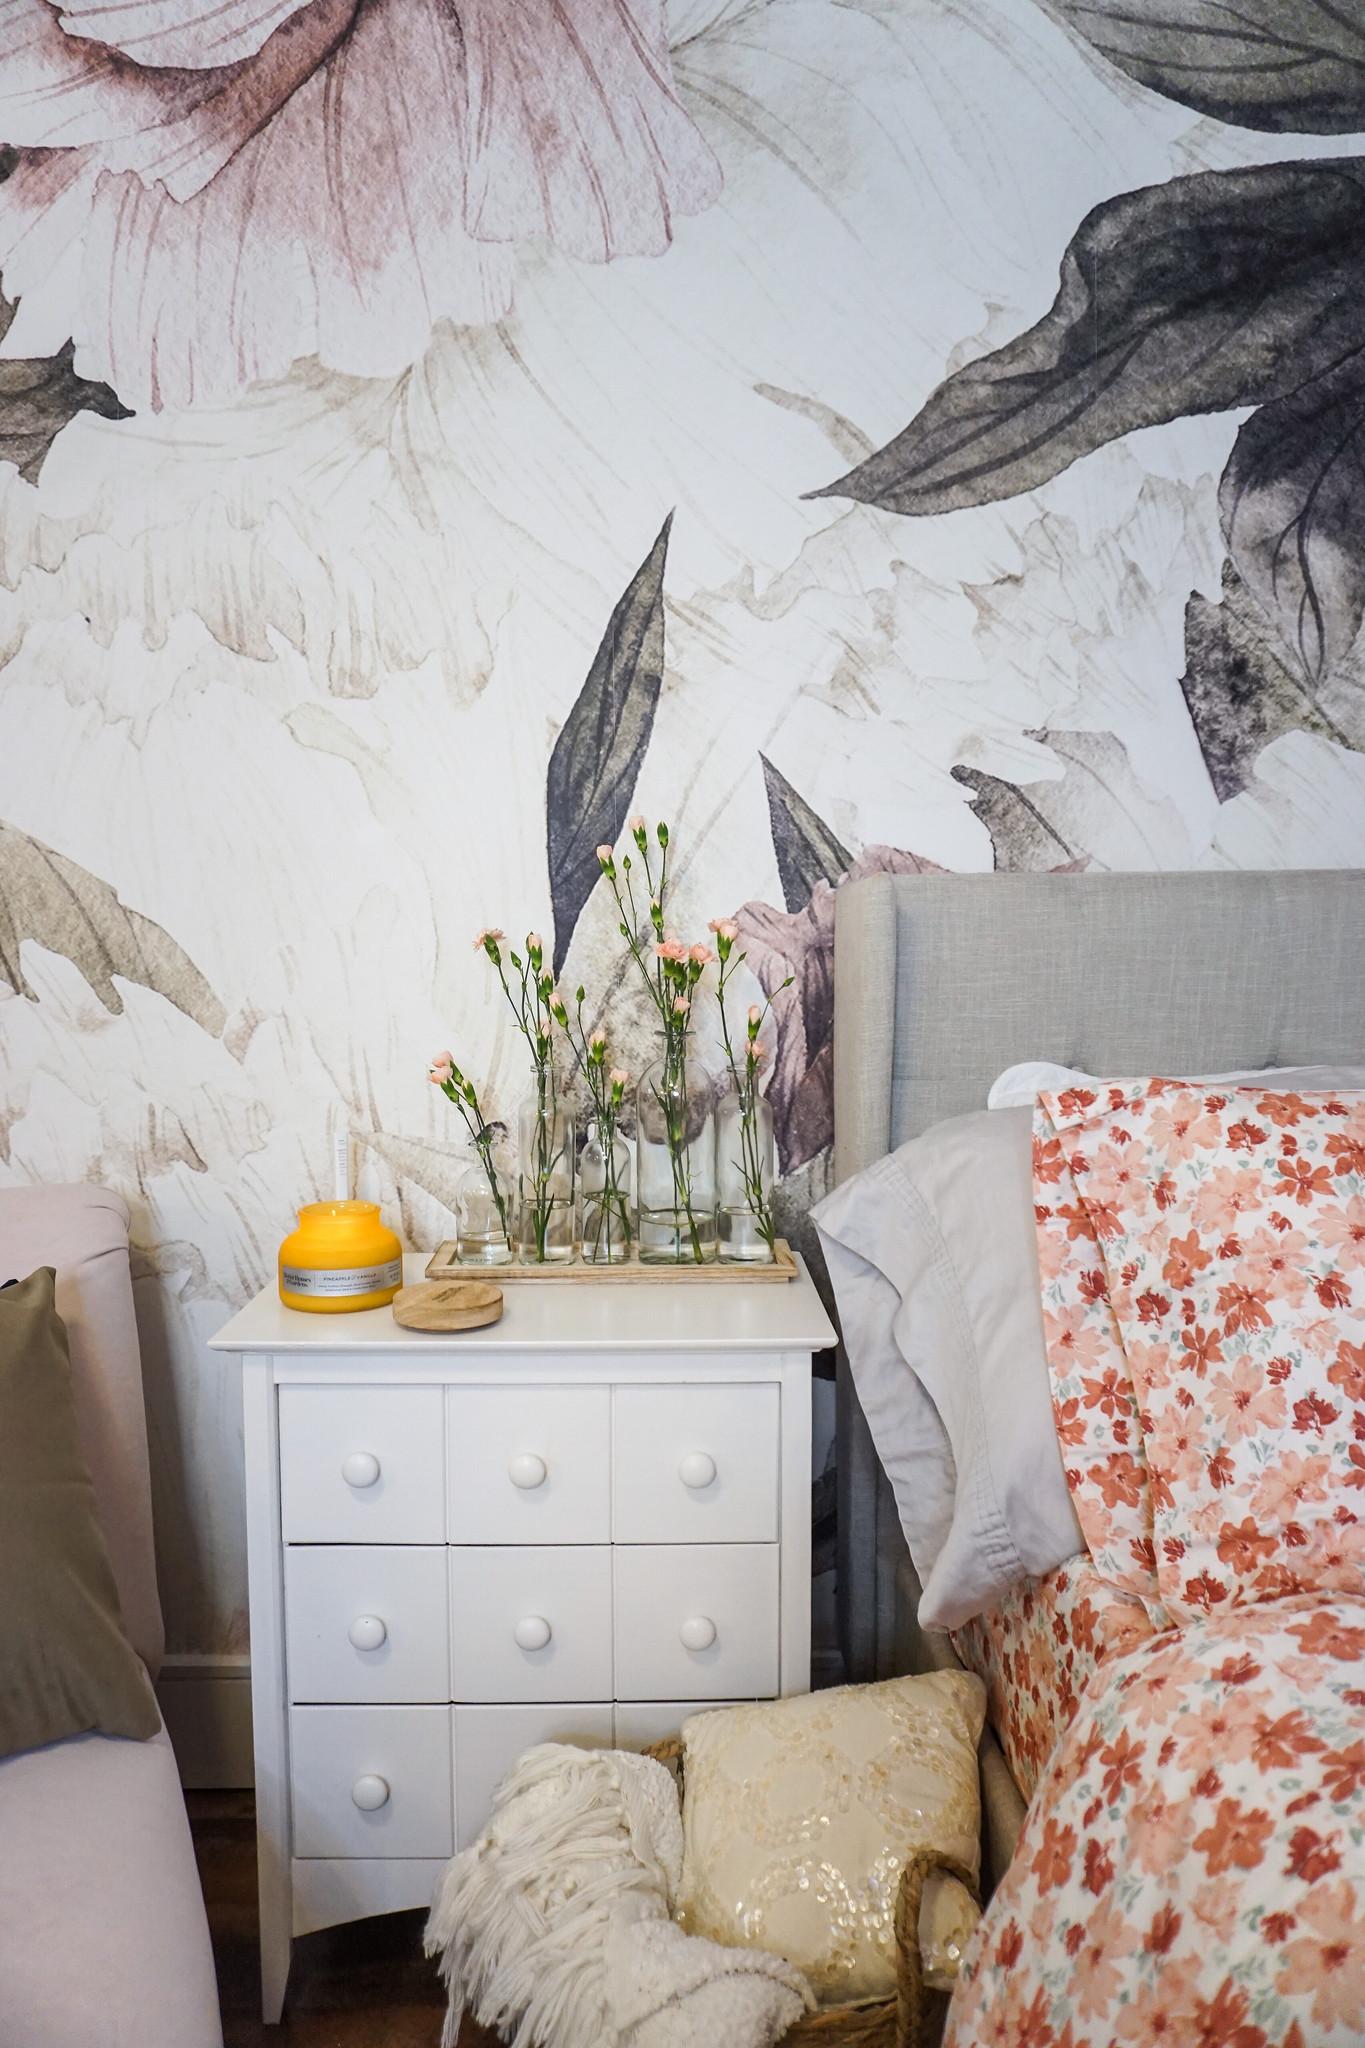 5 Ways to Freshen Up Your Bedroom this August   Bedroom Ideas   Boho Bedroom   Floral Mural Wallpaper   Pink Bedroom   Feminine Bedroom Inspiration   Flower Sheets   Vintage Bottle Vase Set